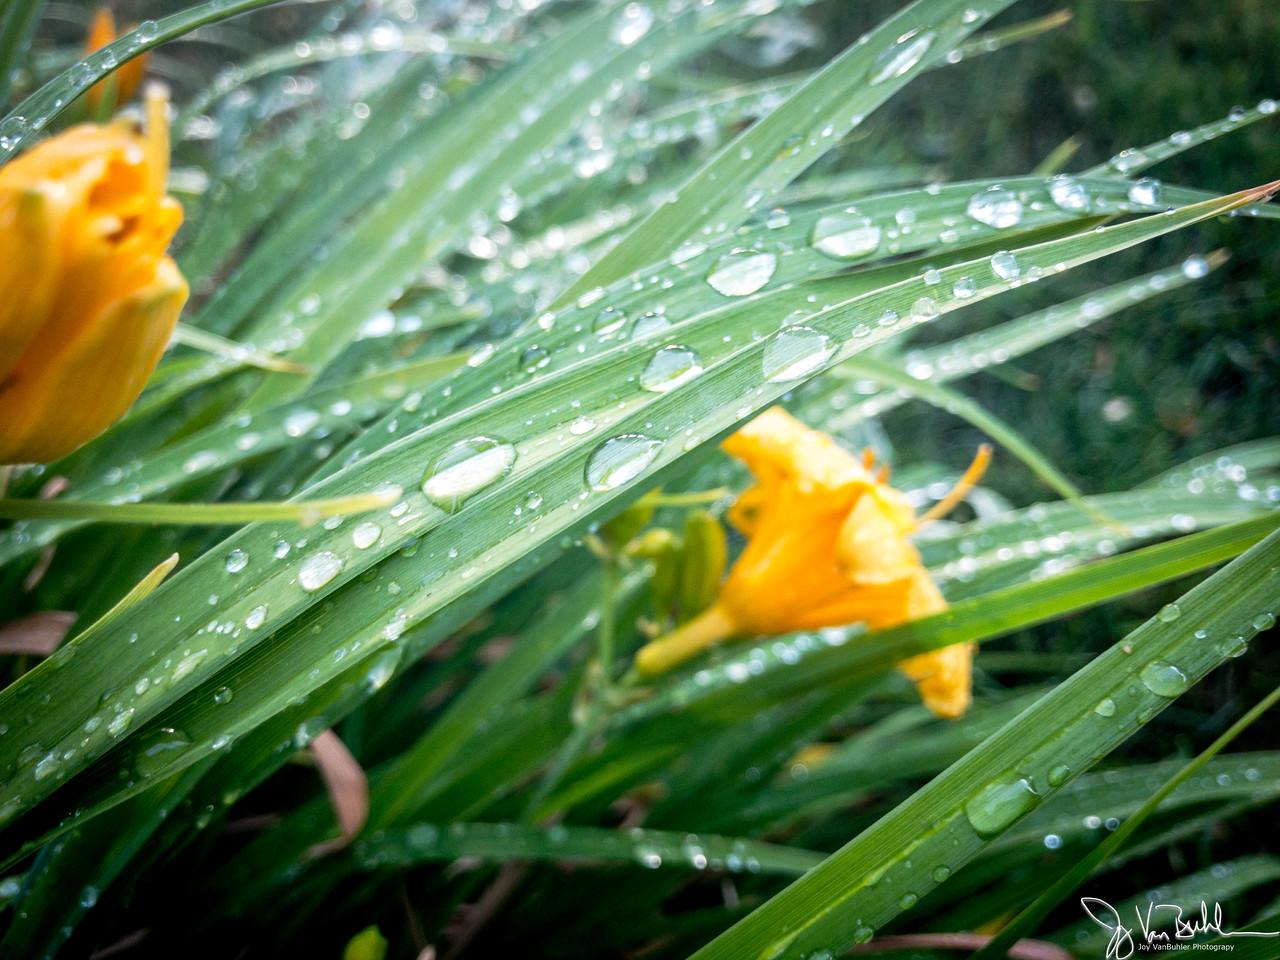 171/365 - Raindrops